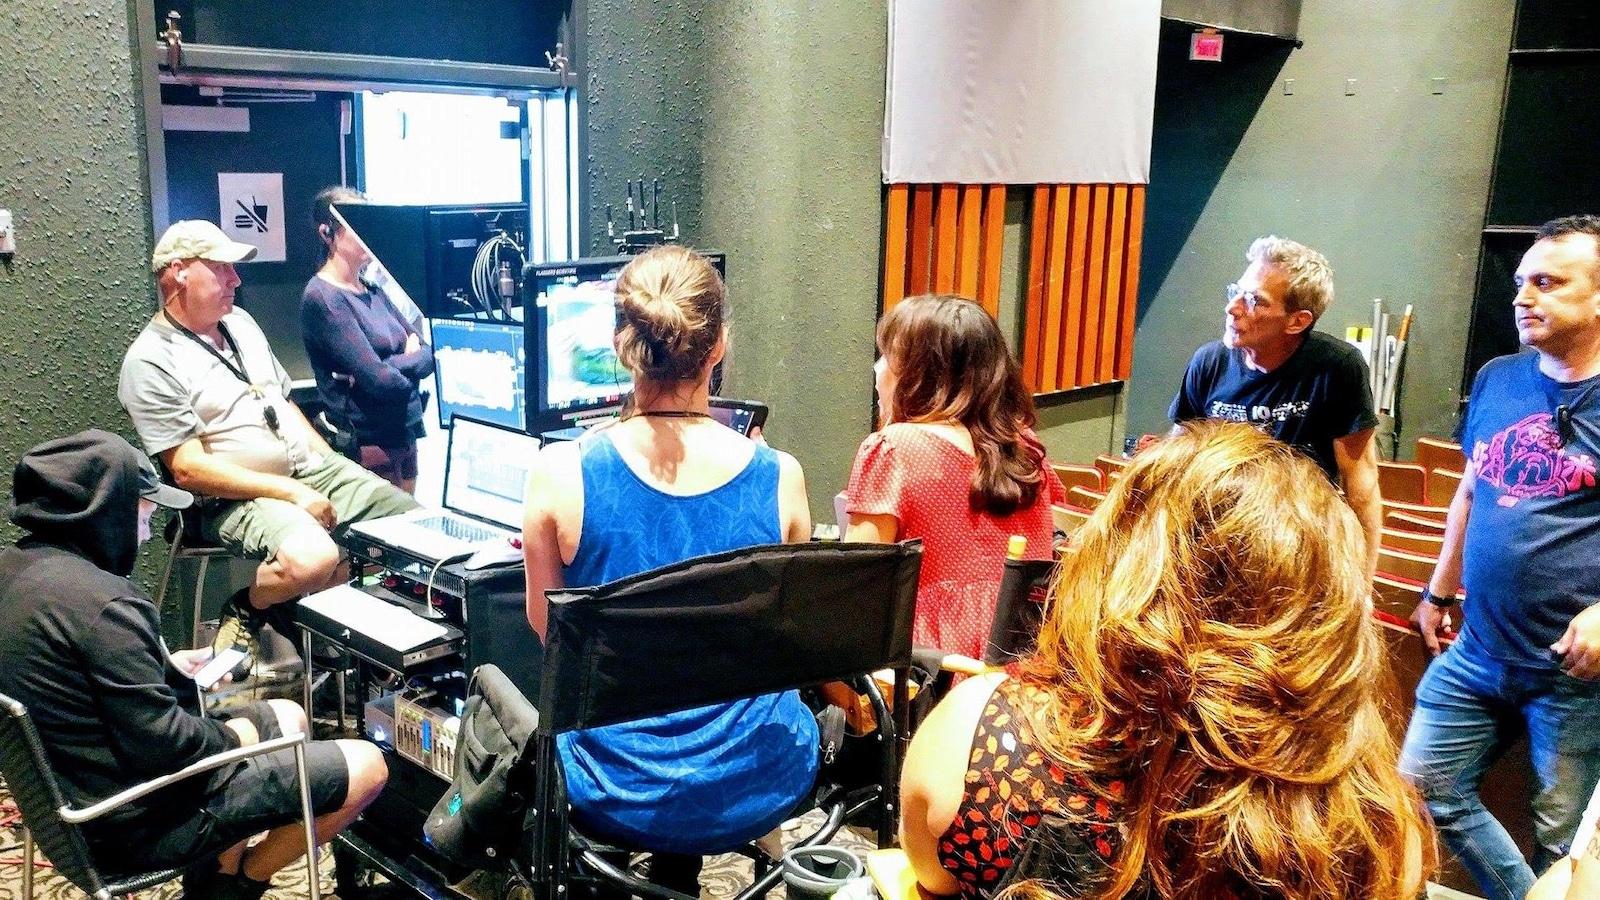 L'équipe de tournage analyse la scène et le jeu des acteurs, dans une pièce à côté